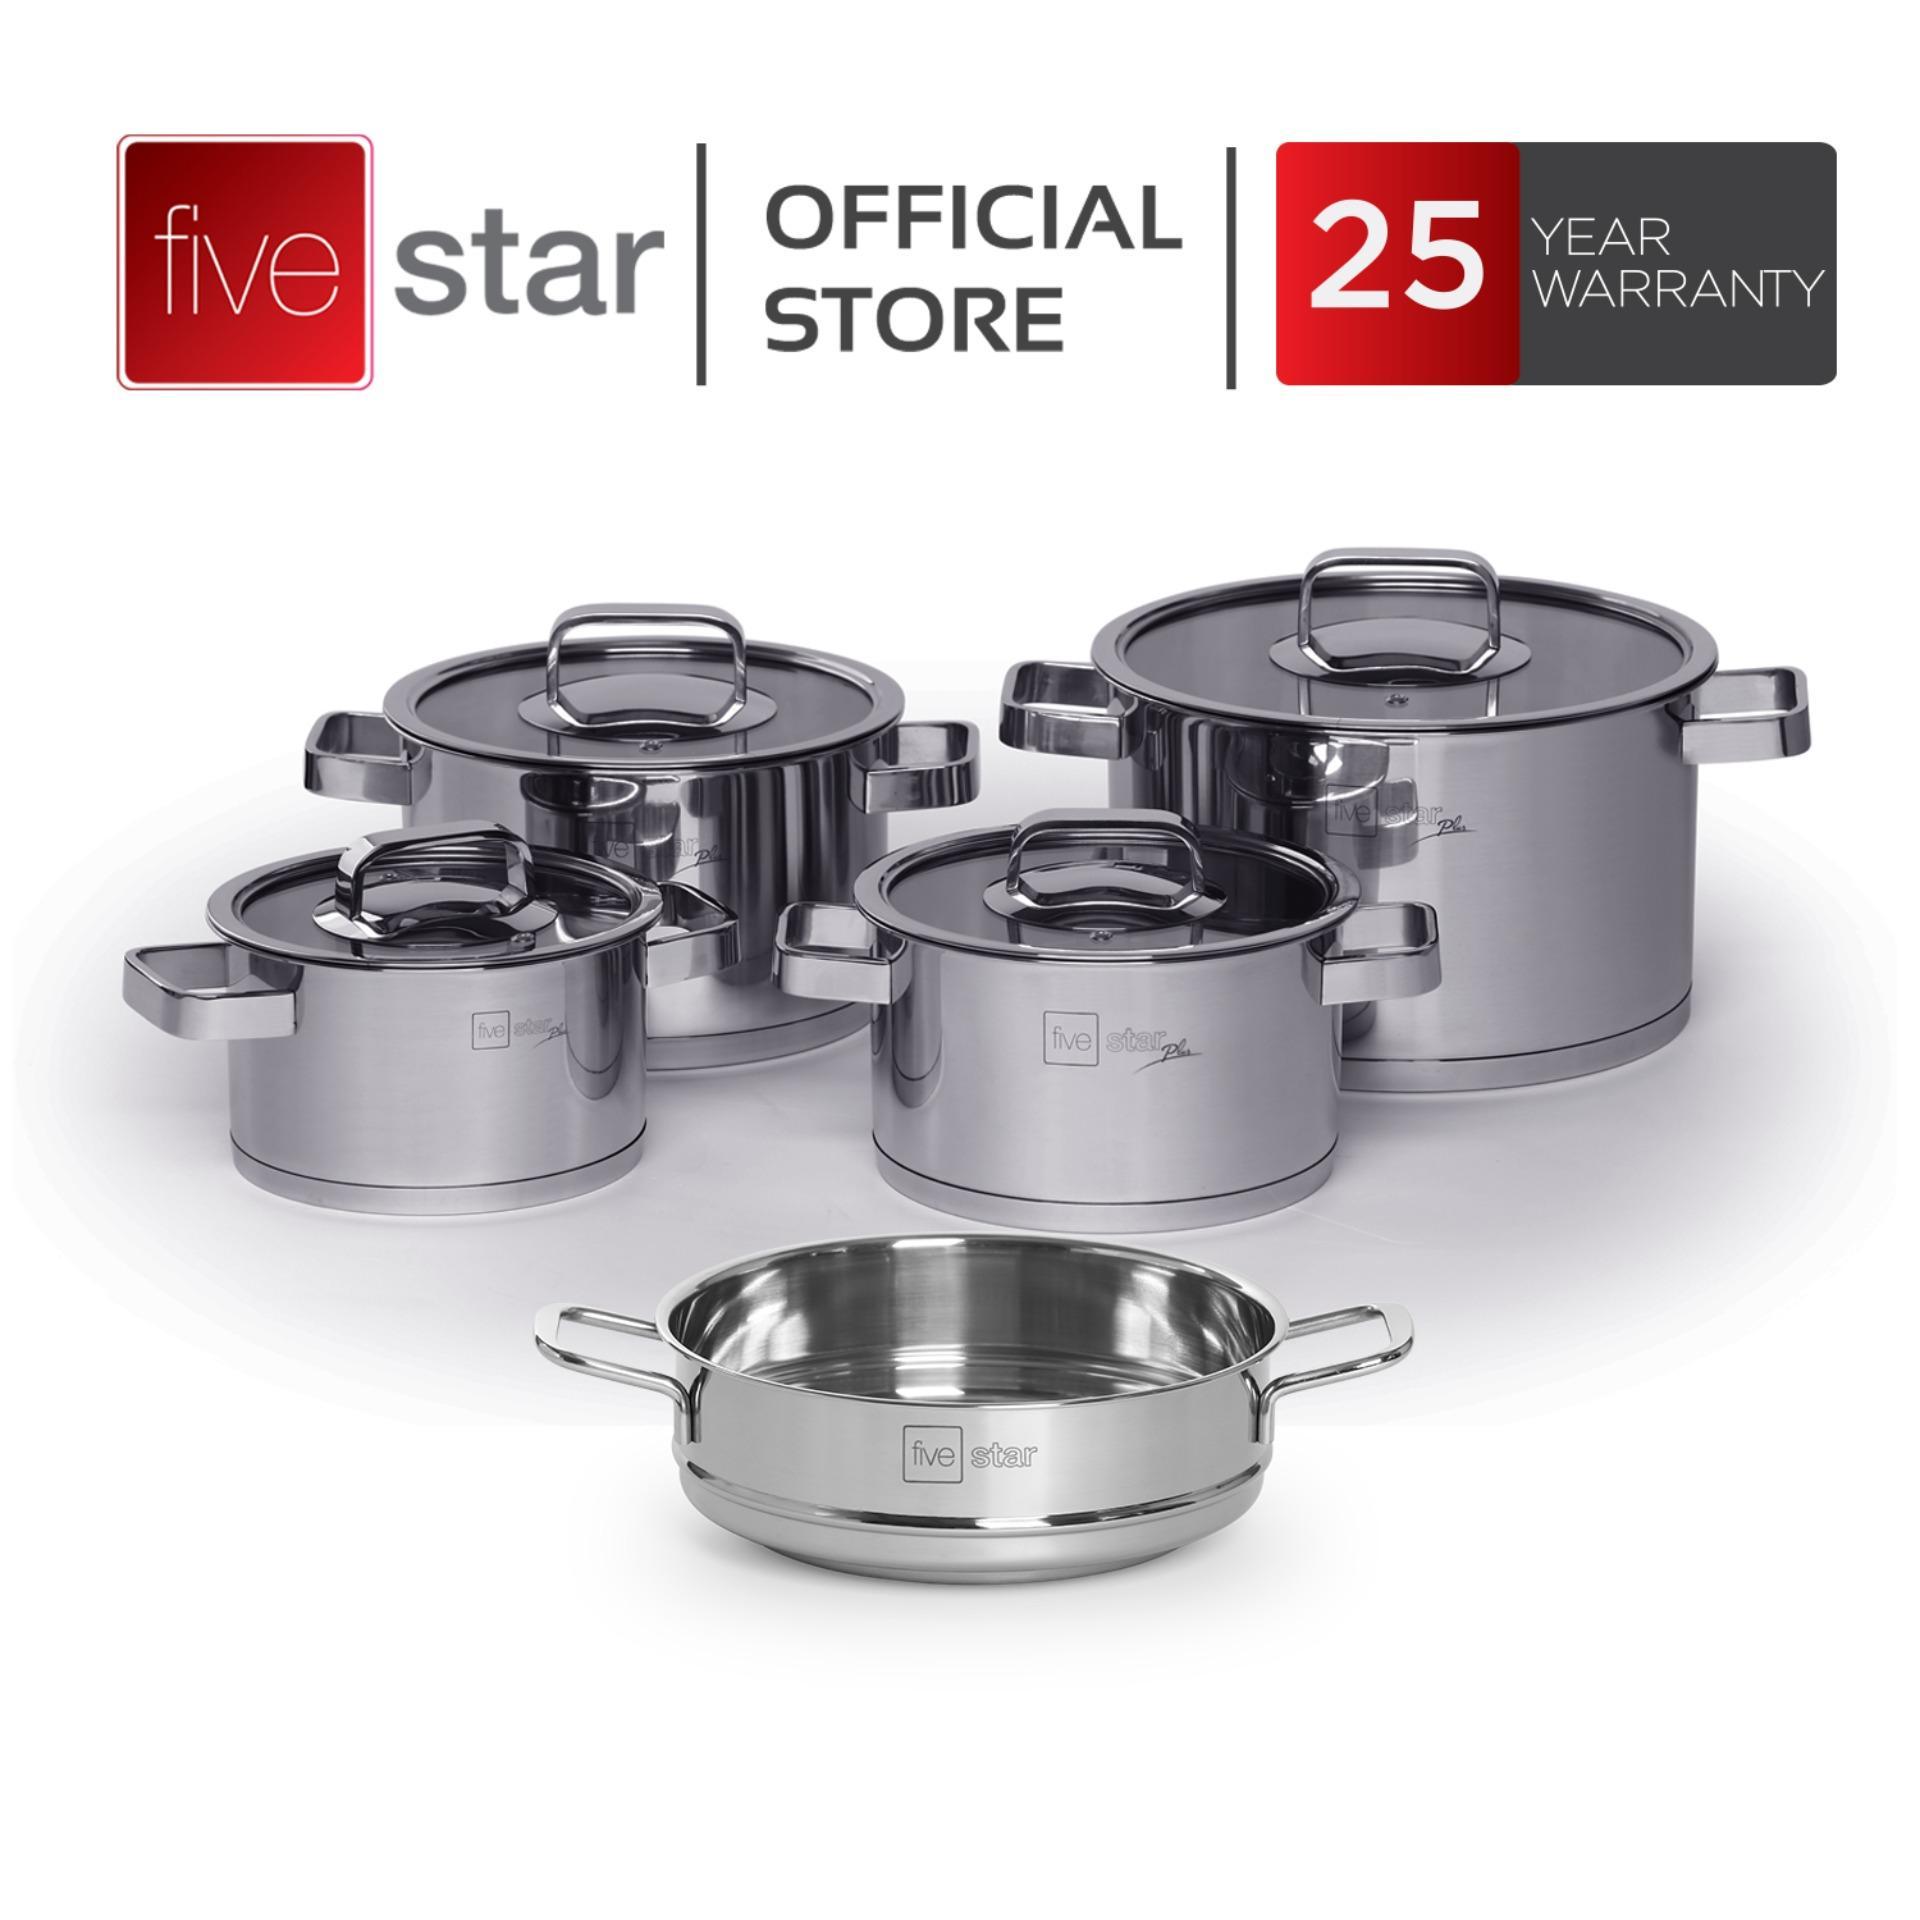 Bộ nồi xửng 3 đáy inox 304 FiveStar Plus FS08CG-304  bếp từ  nắp KÍNH  ( 1 nồi 16cm x 1 nồi 18cm x 1 nồi 20cm x 1 nồi 24cm x 1 thân xửng 24)cm )